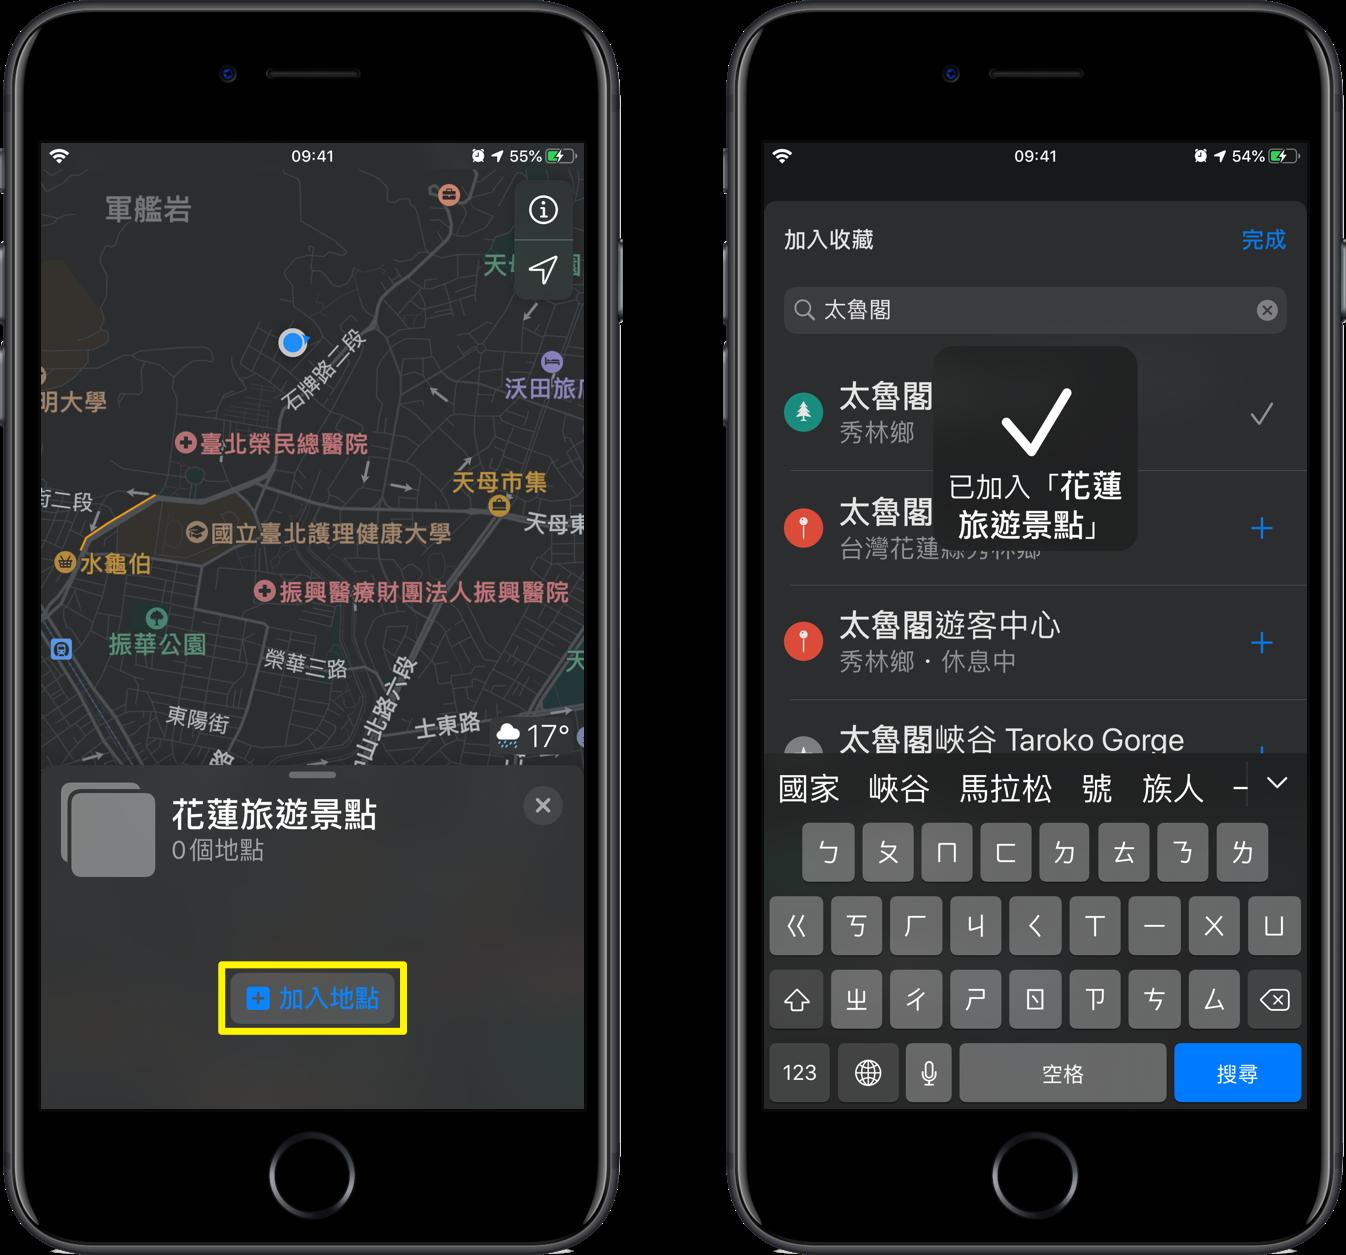 iOS 地圖收藏